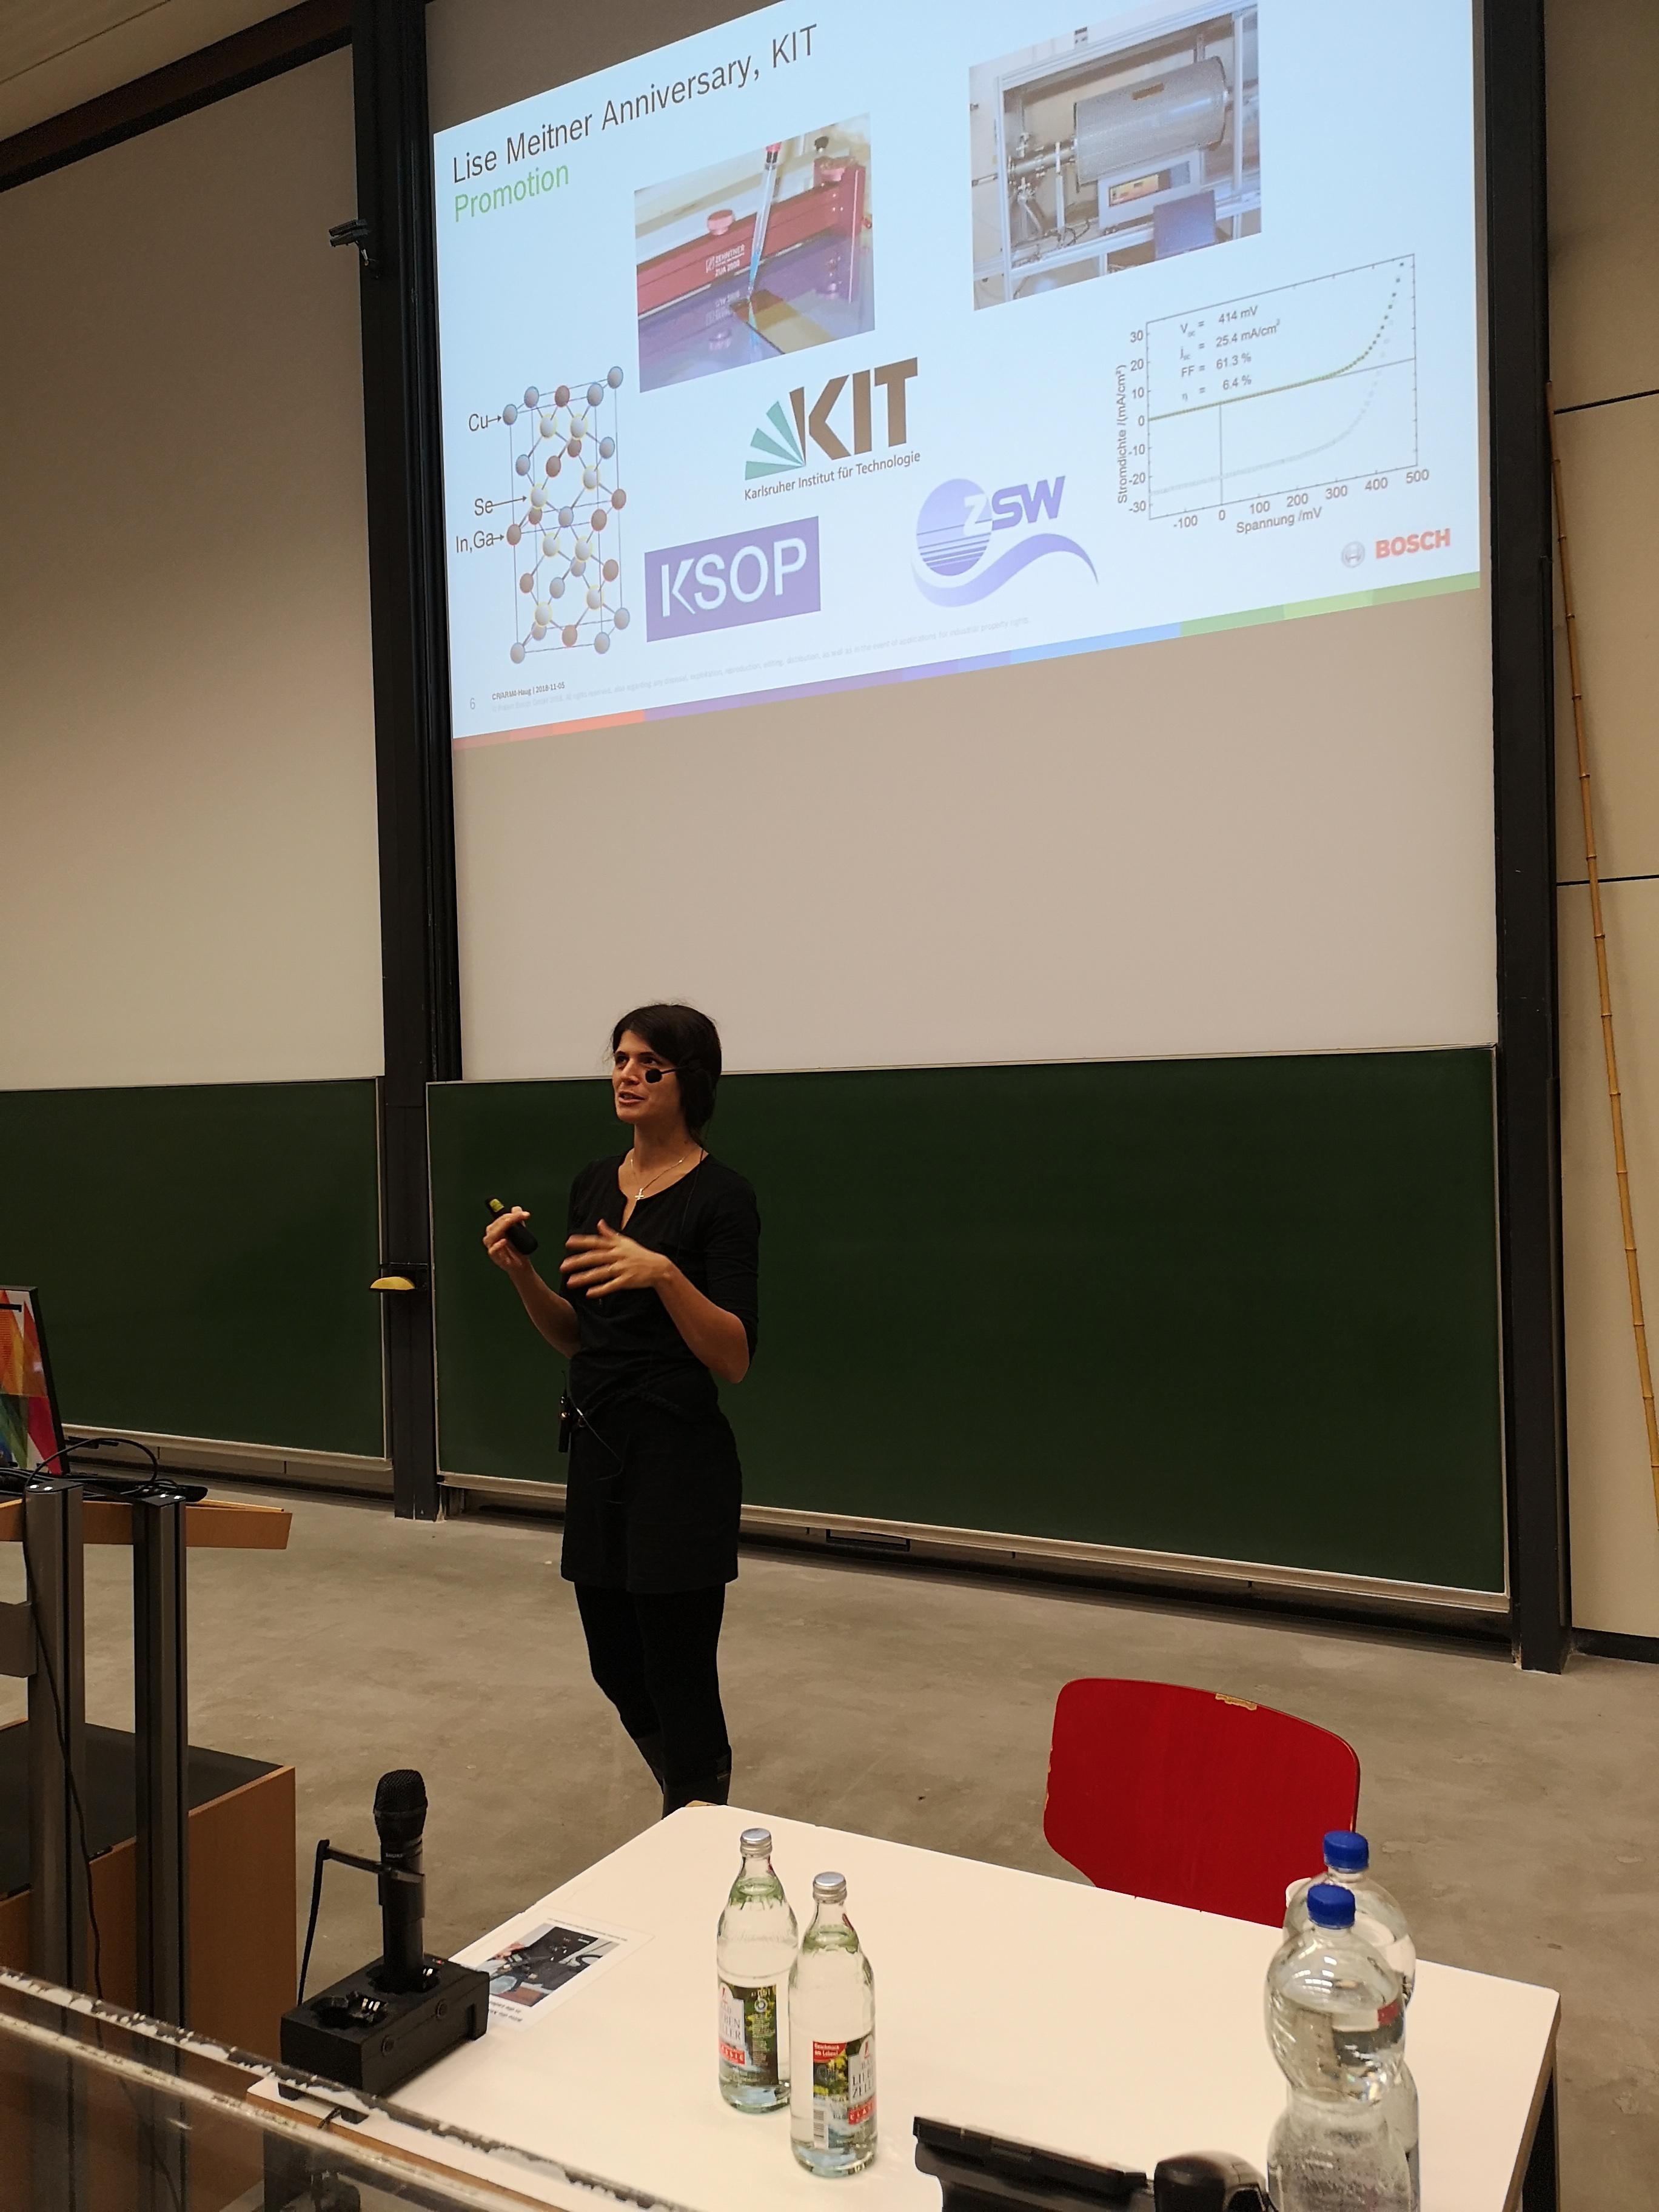 Lise-Meitner-Kolloquium-KIT.jpg